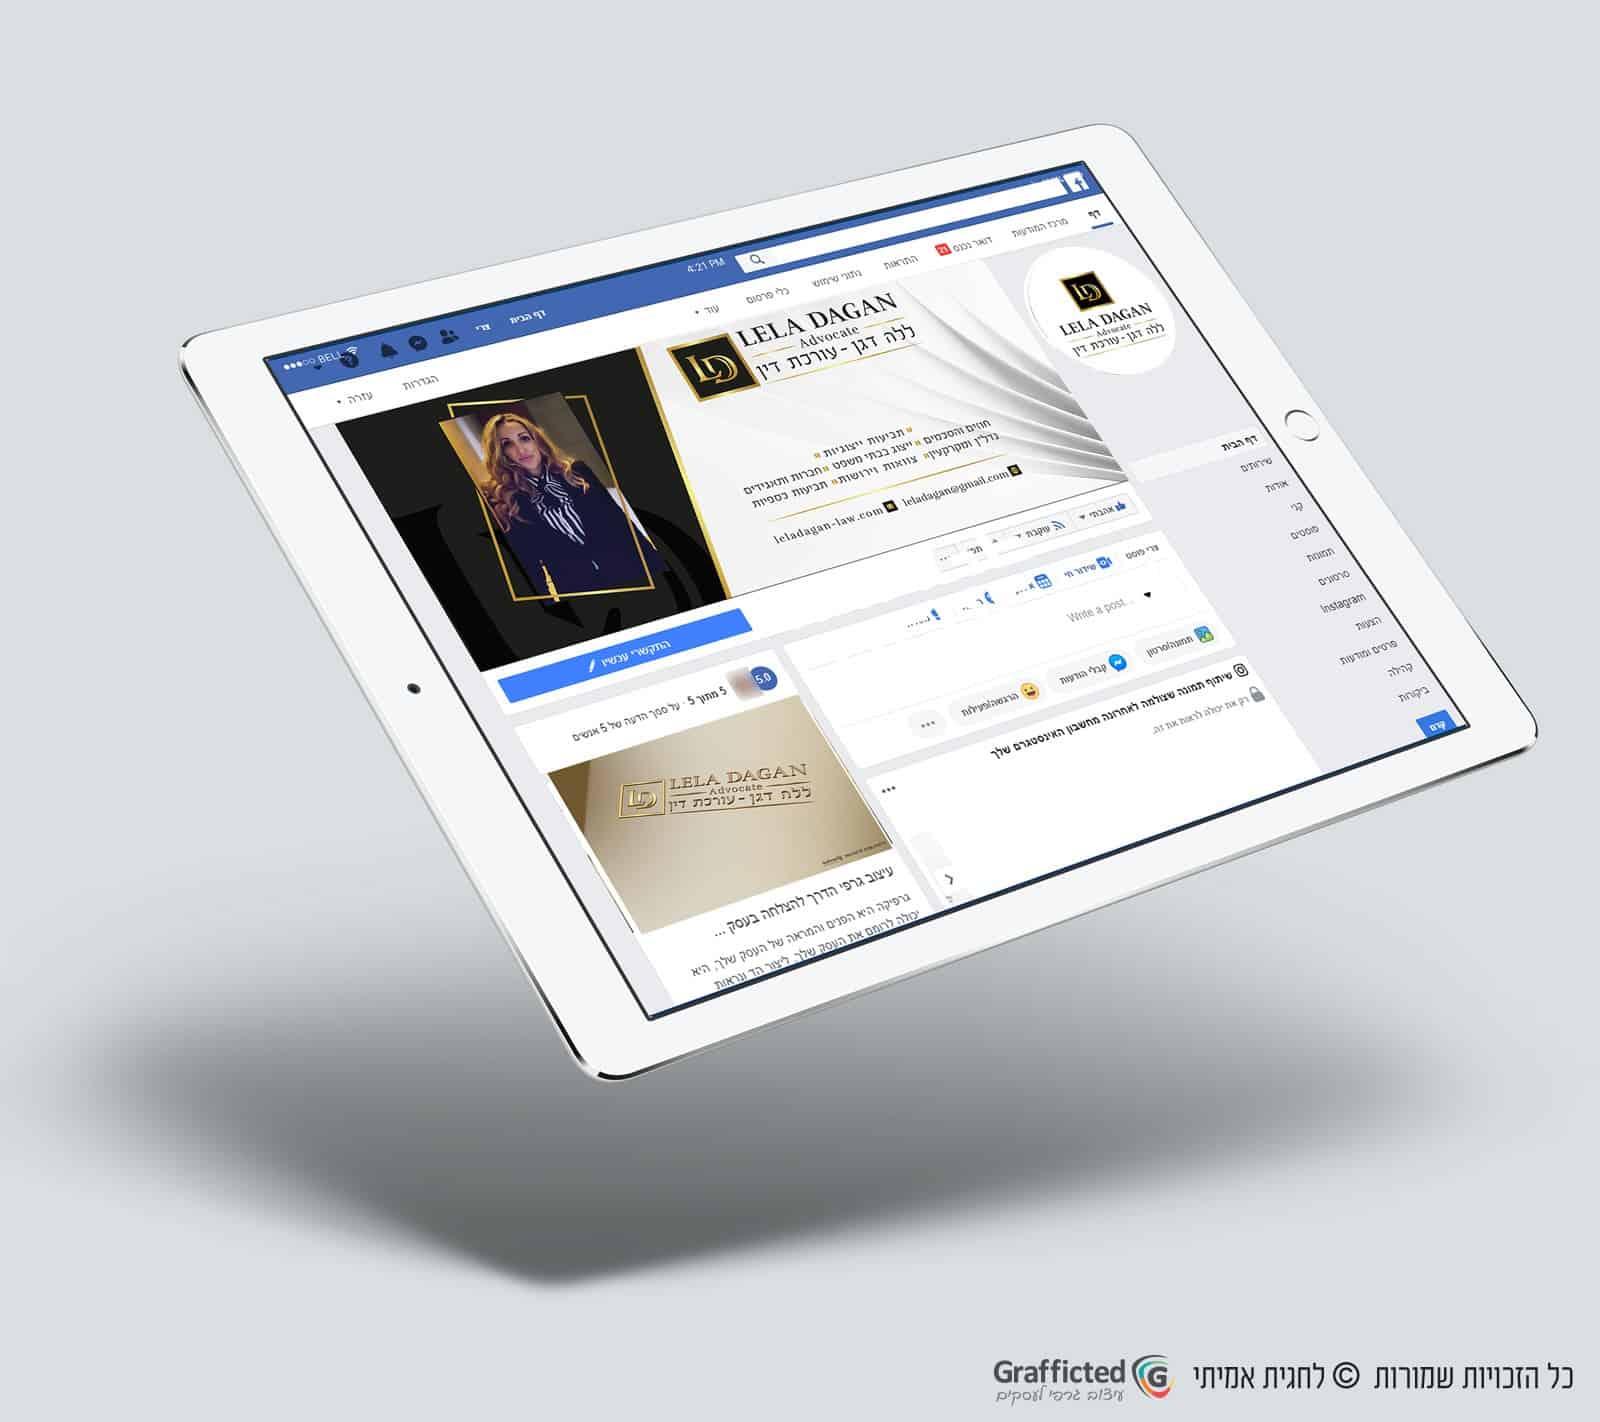 עיצוב-לפייסבוק-לעורכת-דין-ללה-דגן